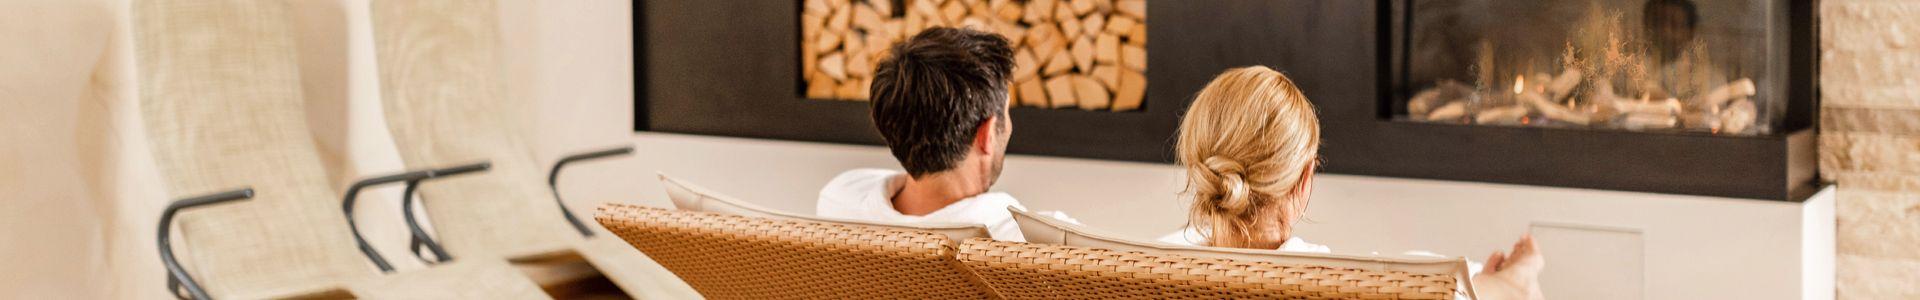 Ruheräume in der Sauna